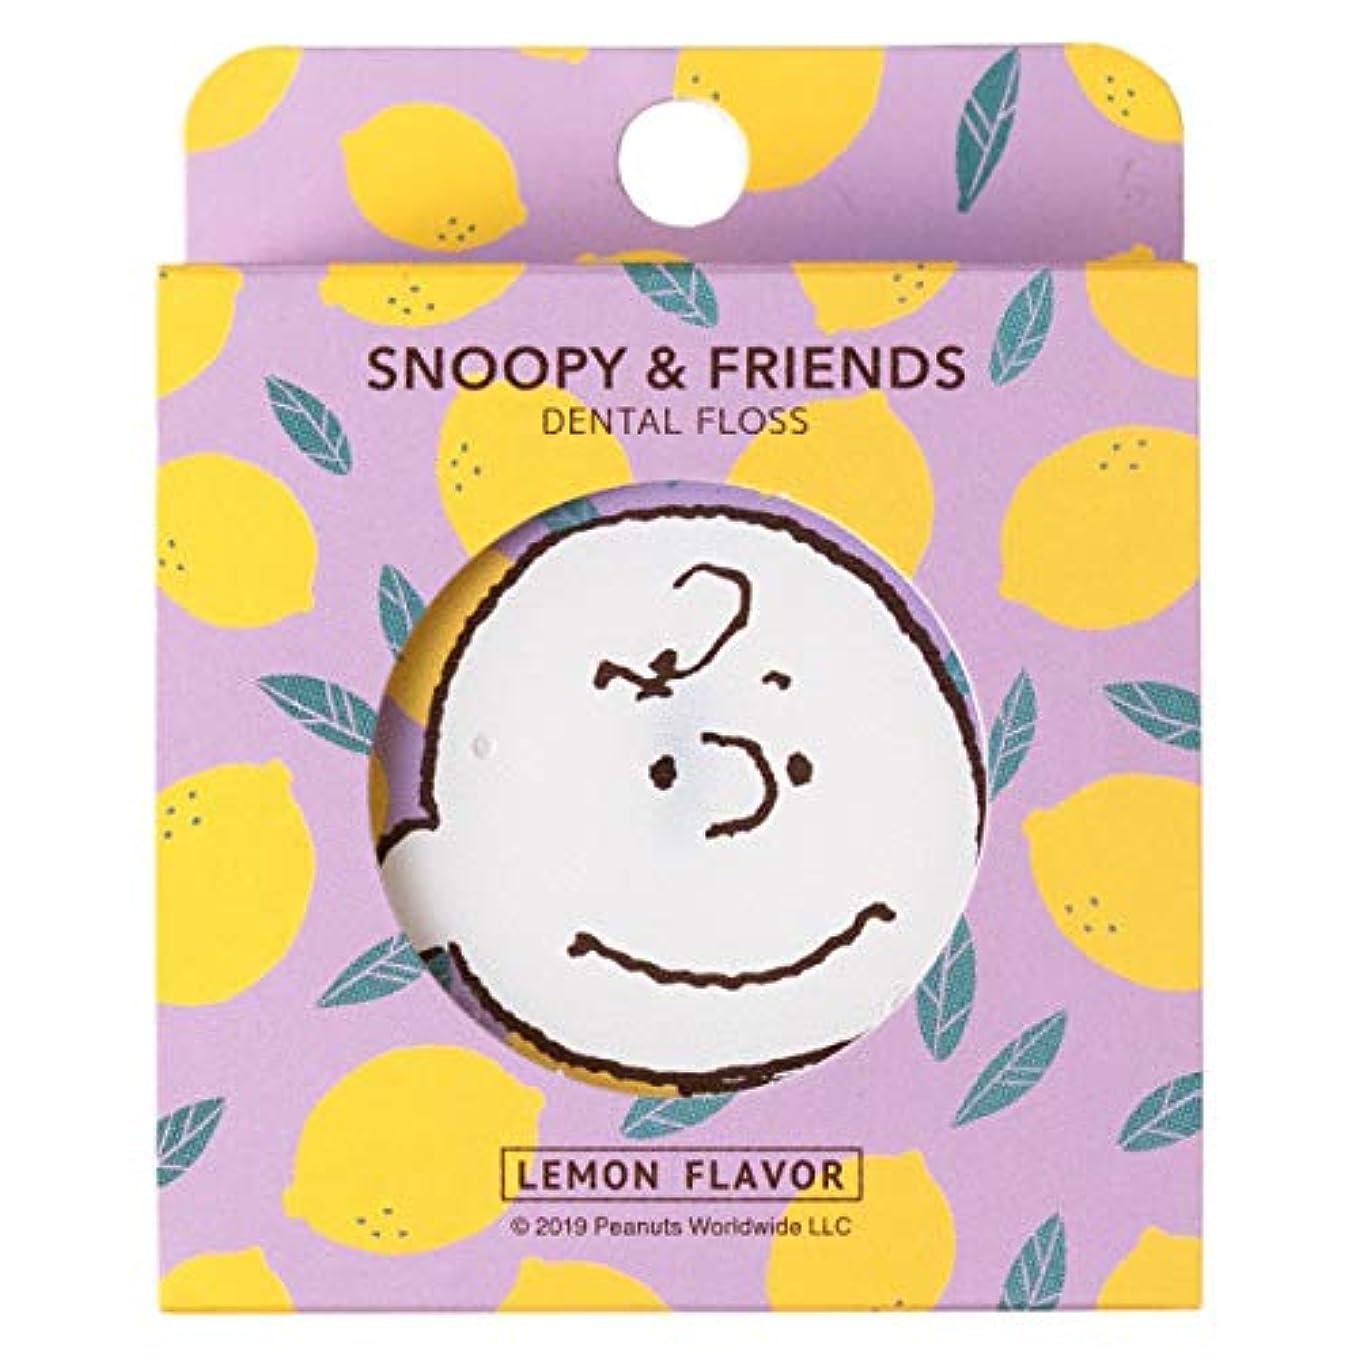 治安判事マトン機構FINE(ファイン) スヌーピー&フレンズ デンタルフロス 約3ヶ月分 レモンの香り 50m